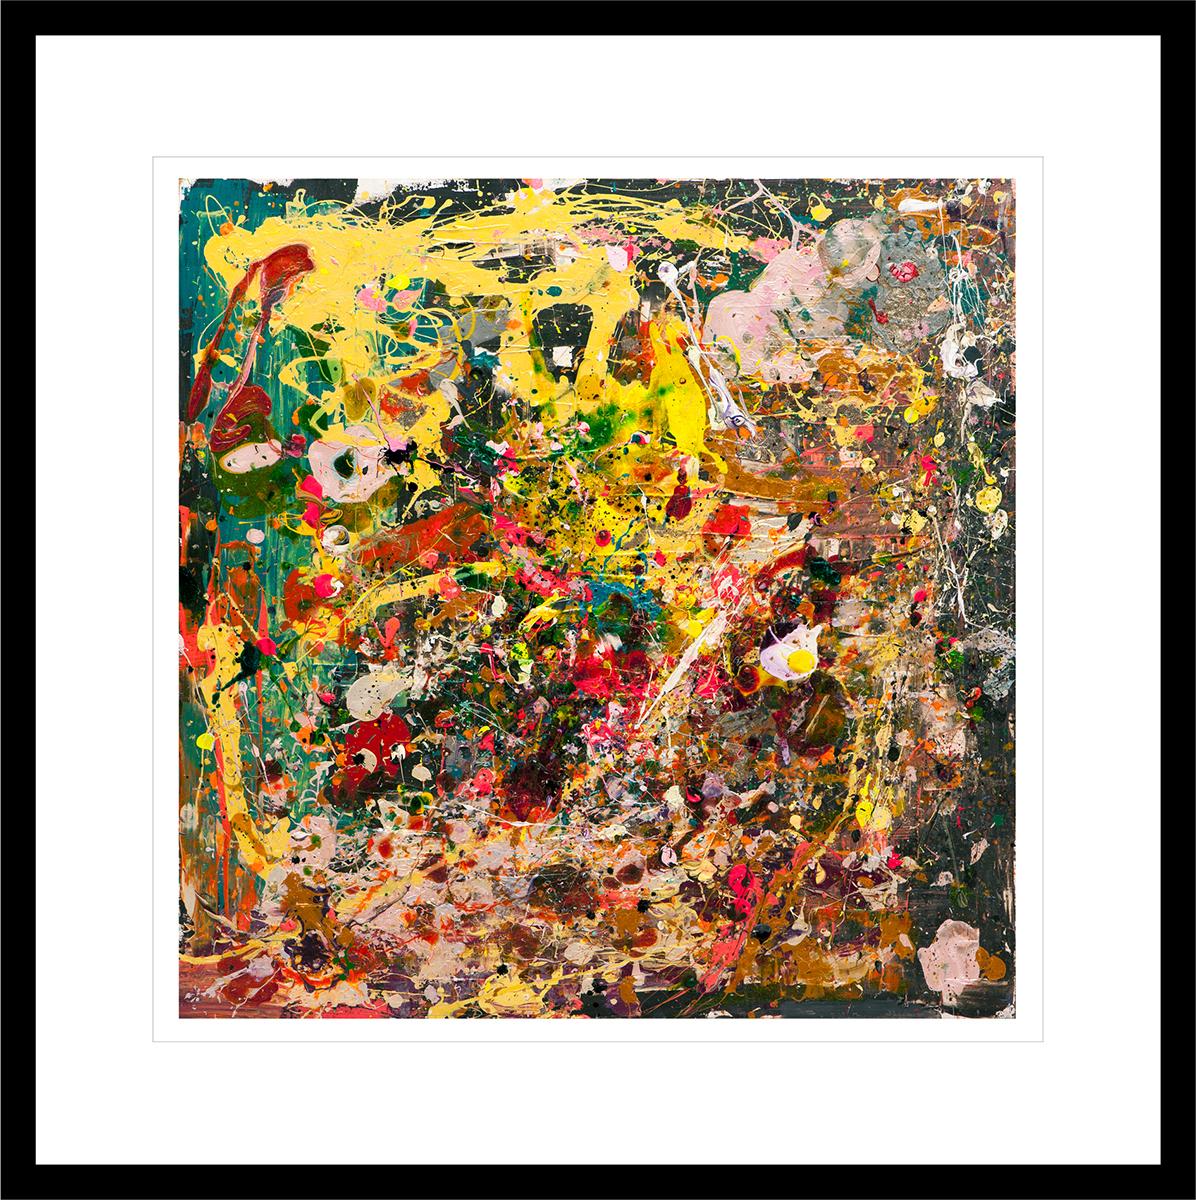 Abstrakt og ekspresjonistisk maleri malt med fargesterke strøk. Håndkolorert grafikk av Marianne Aulie.